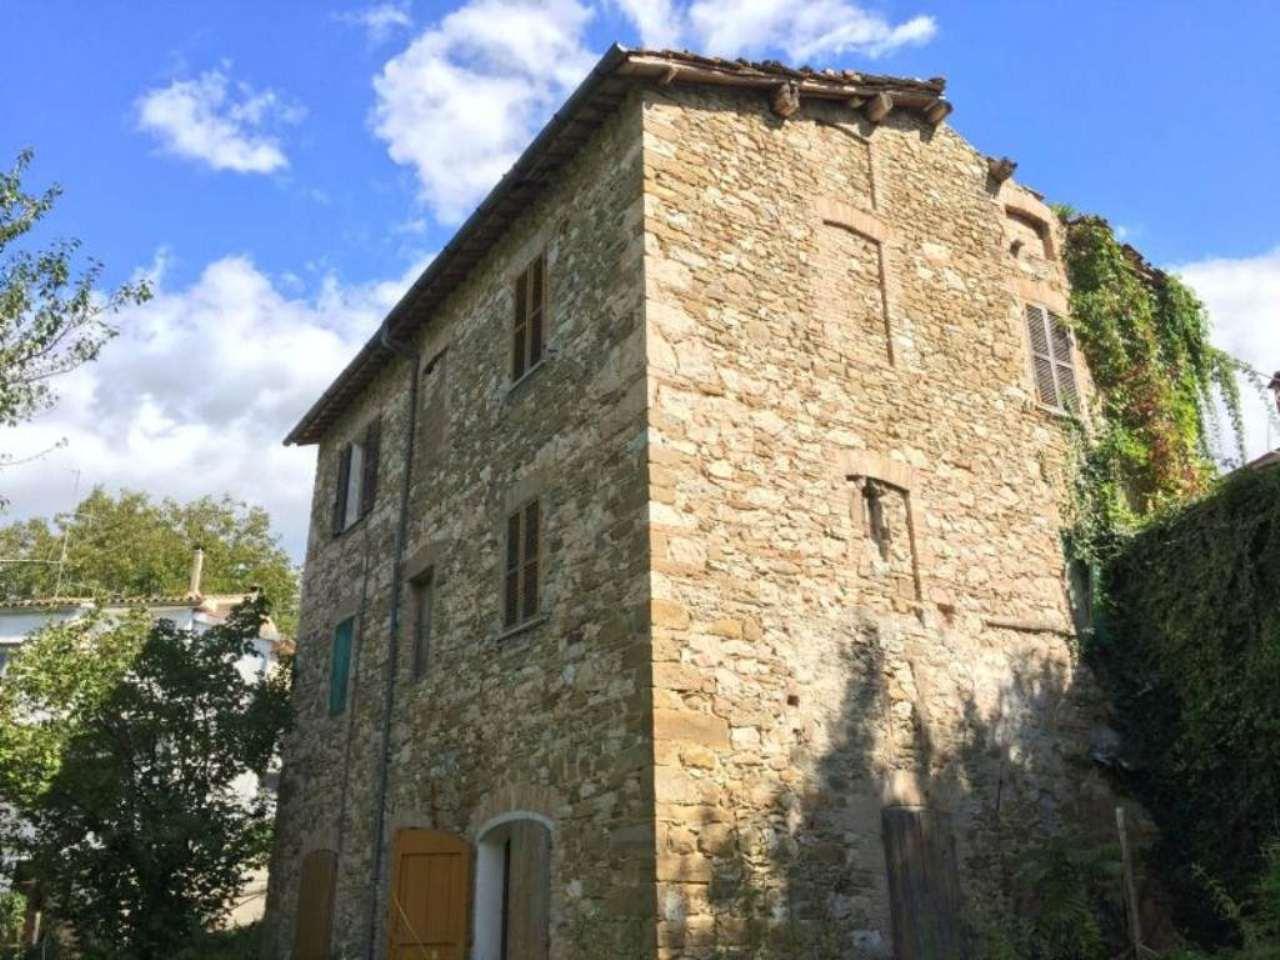 Palazzo / Stabile in vendita a Fiastra, 10 locali, prezzo € 55.000 | CambioCasa.it